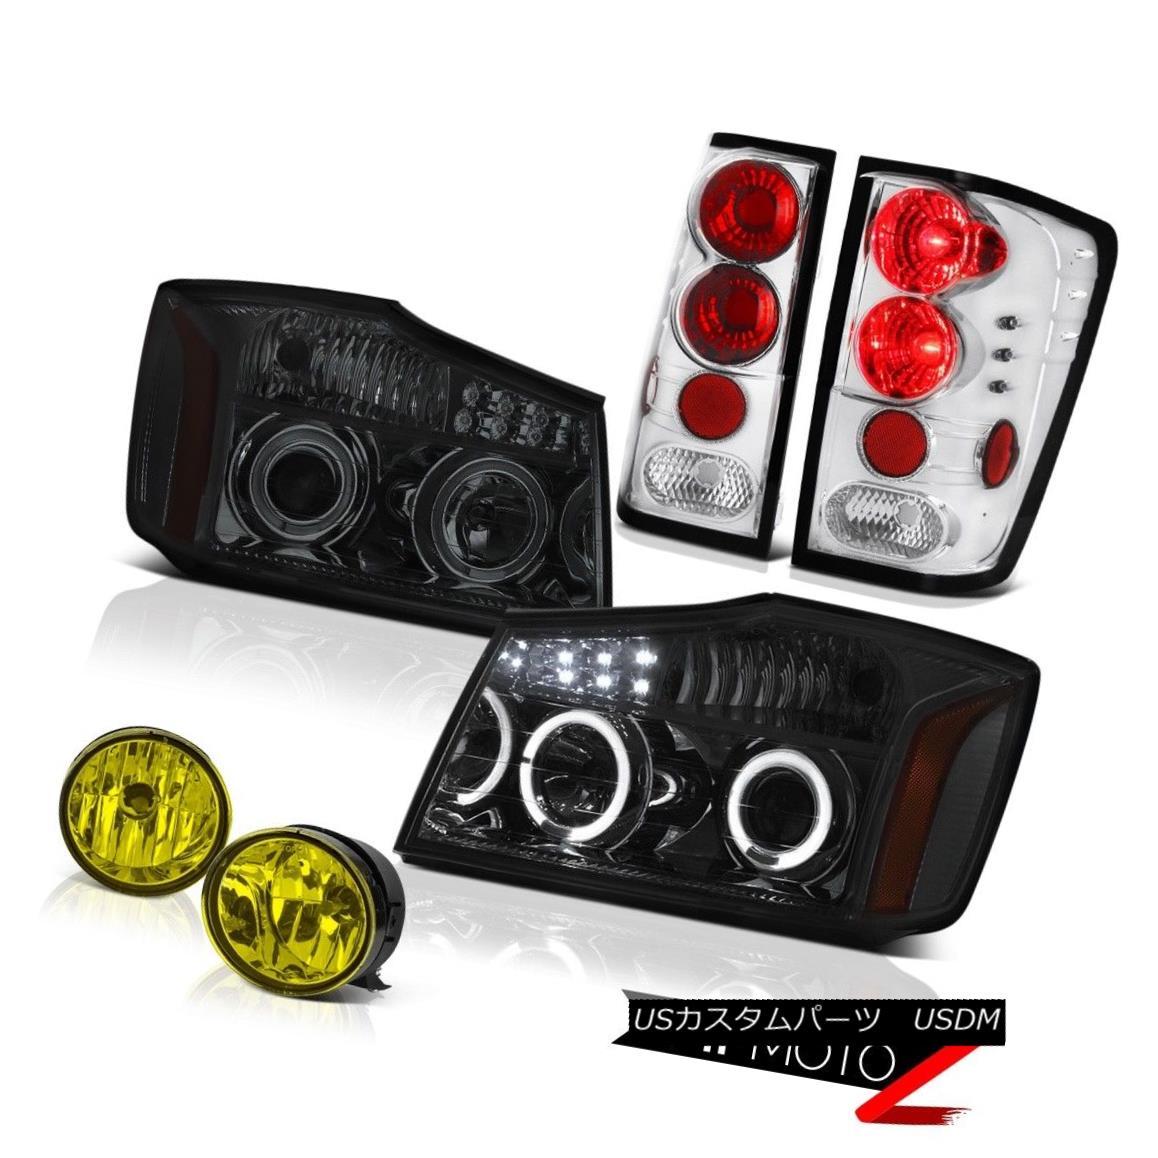 テールライト For 2004-2015 Titan LE Smoke LED Headlight Rear Brake Tail Light Driving Fog 2004年?2015年タイタンLEスモークLEDヘッドライトリアブレーキブレーキテールライトドライビングフォグ